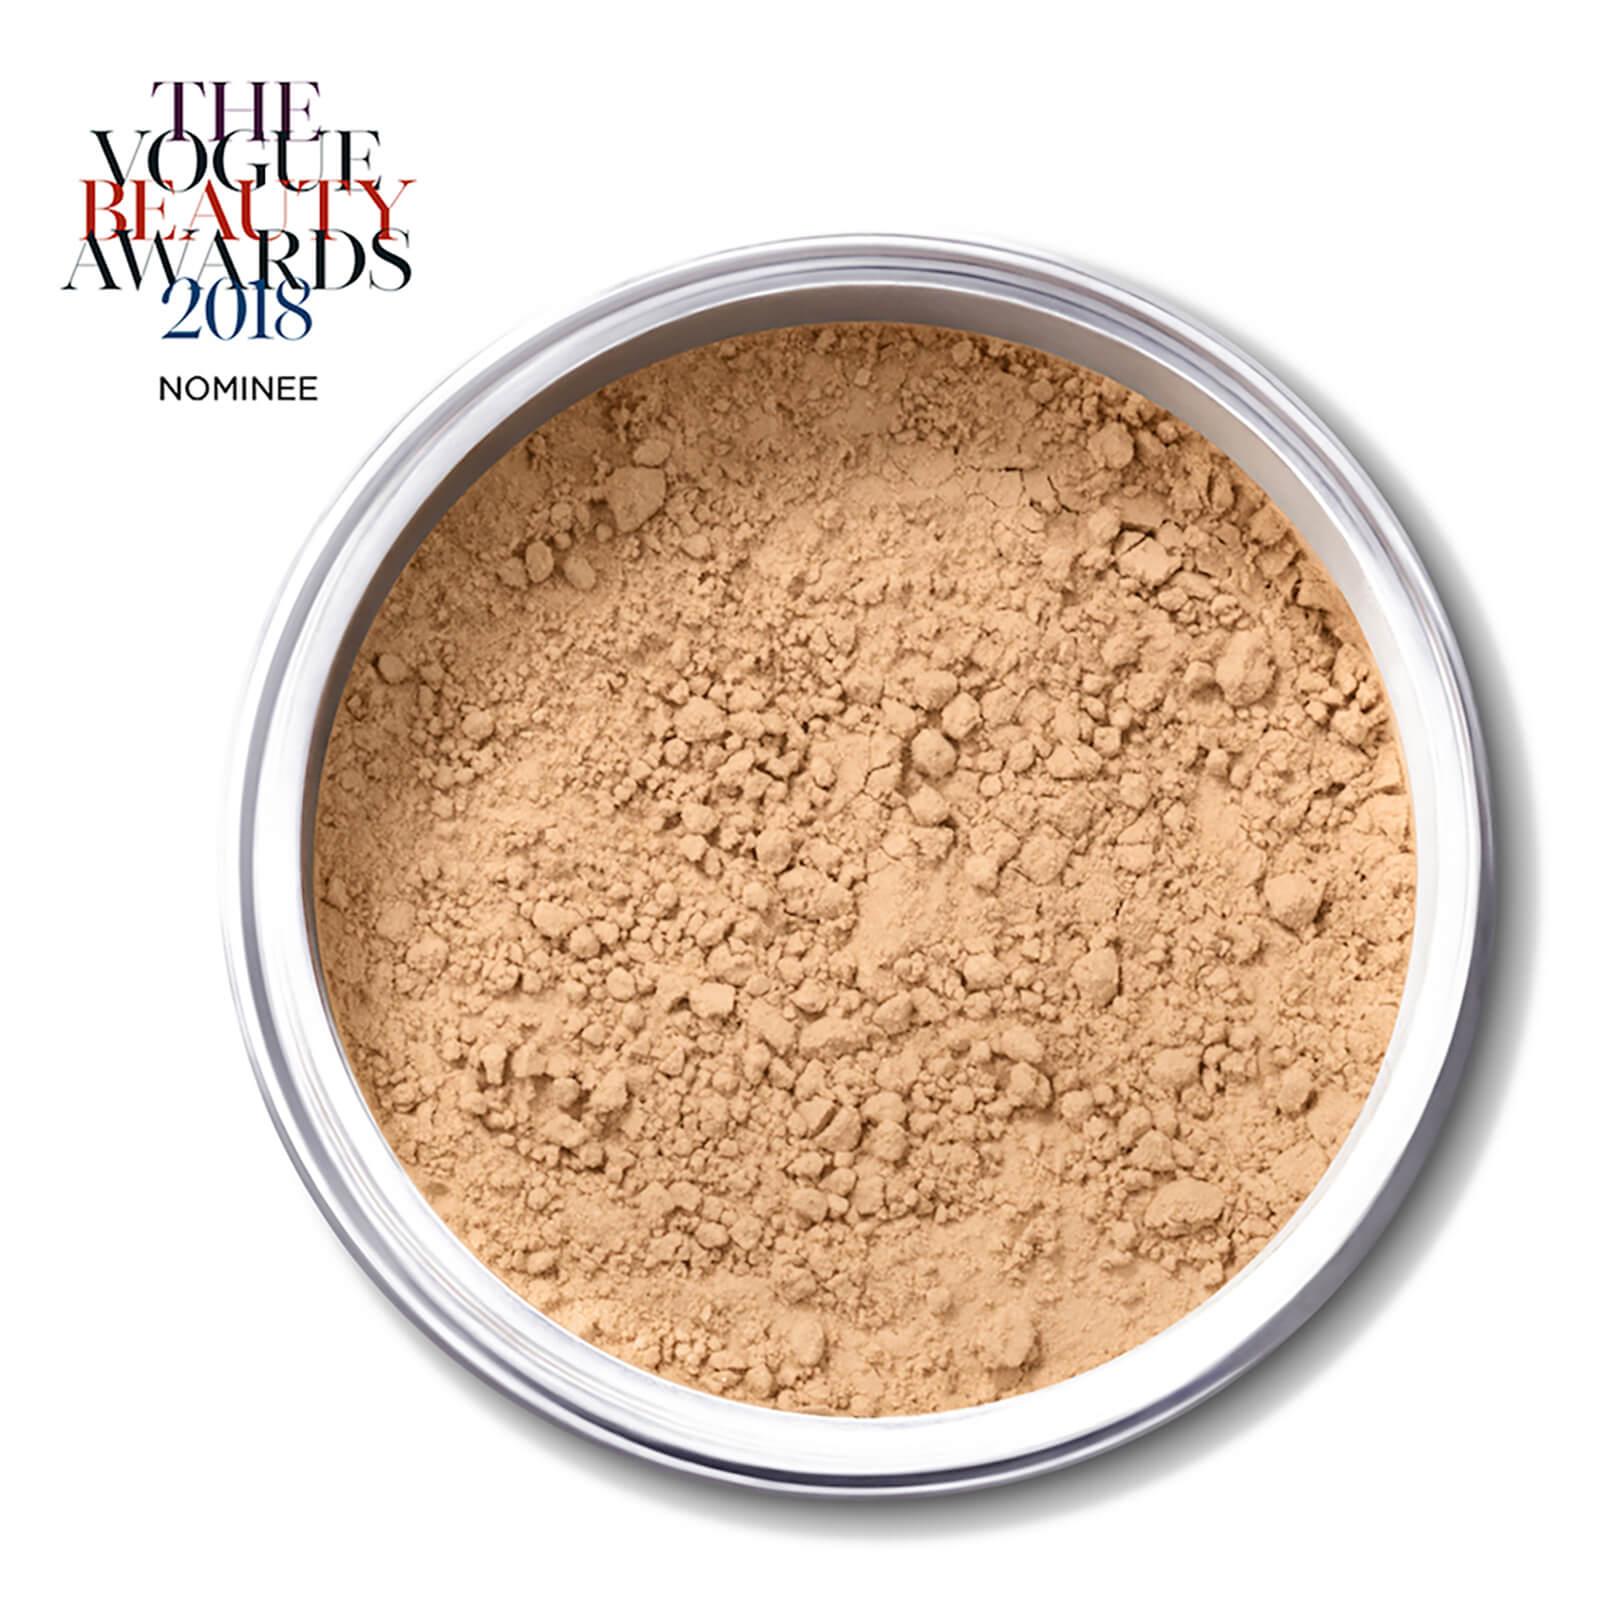 Купить Рассыпчатая пудра-основа EX1 Cosmetics Pure Crushed Mineral Powder Foundation 8 г (различные оттенки) - 3.0